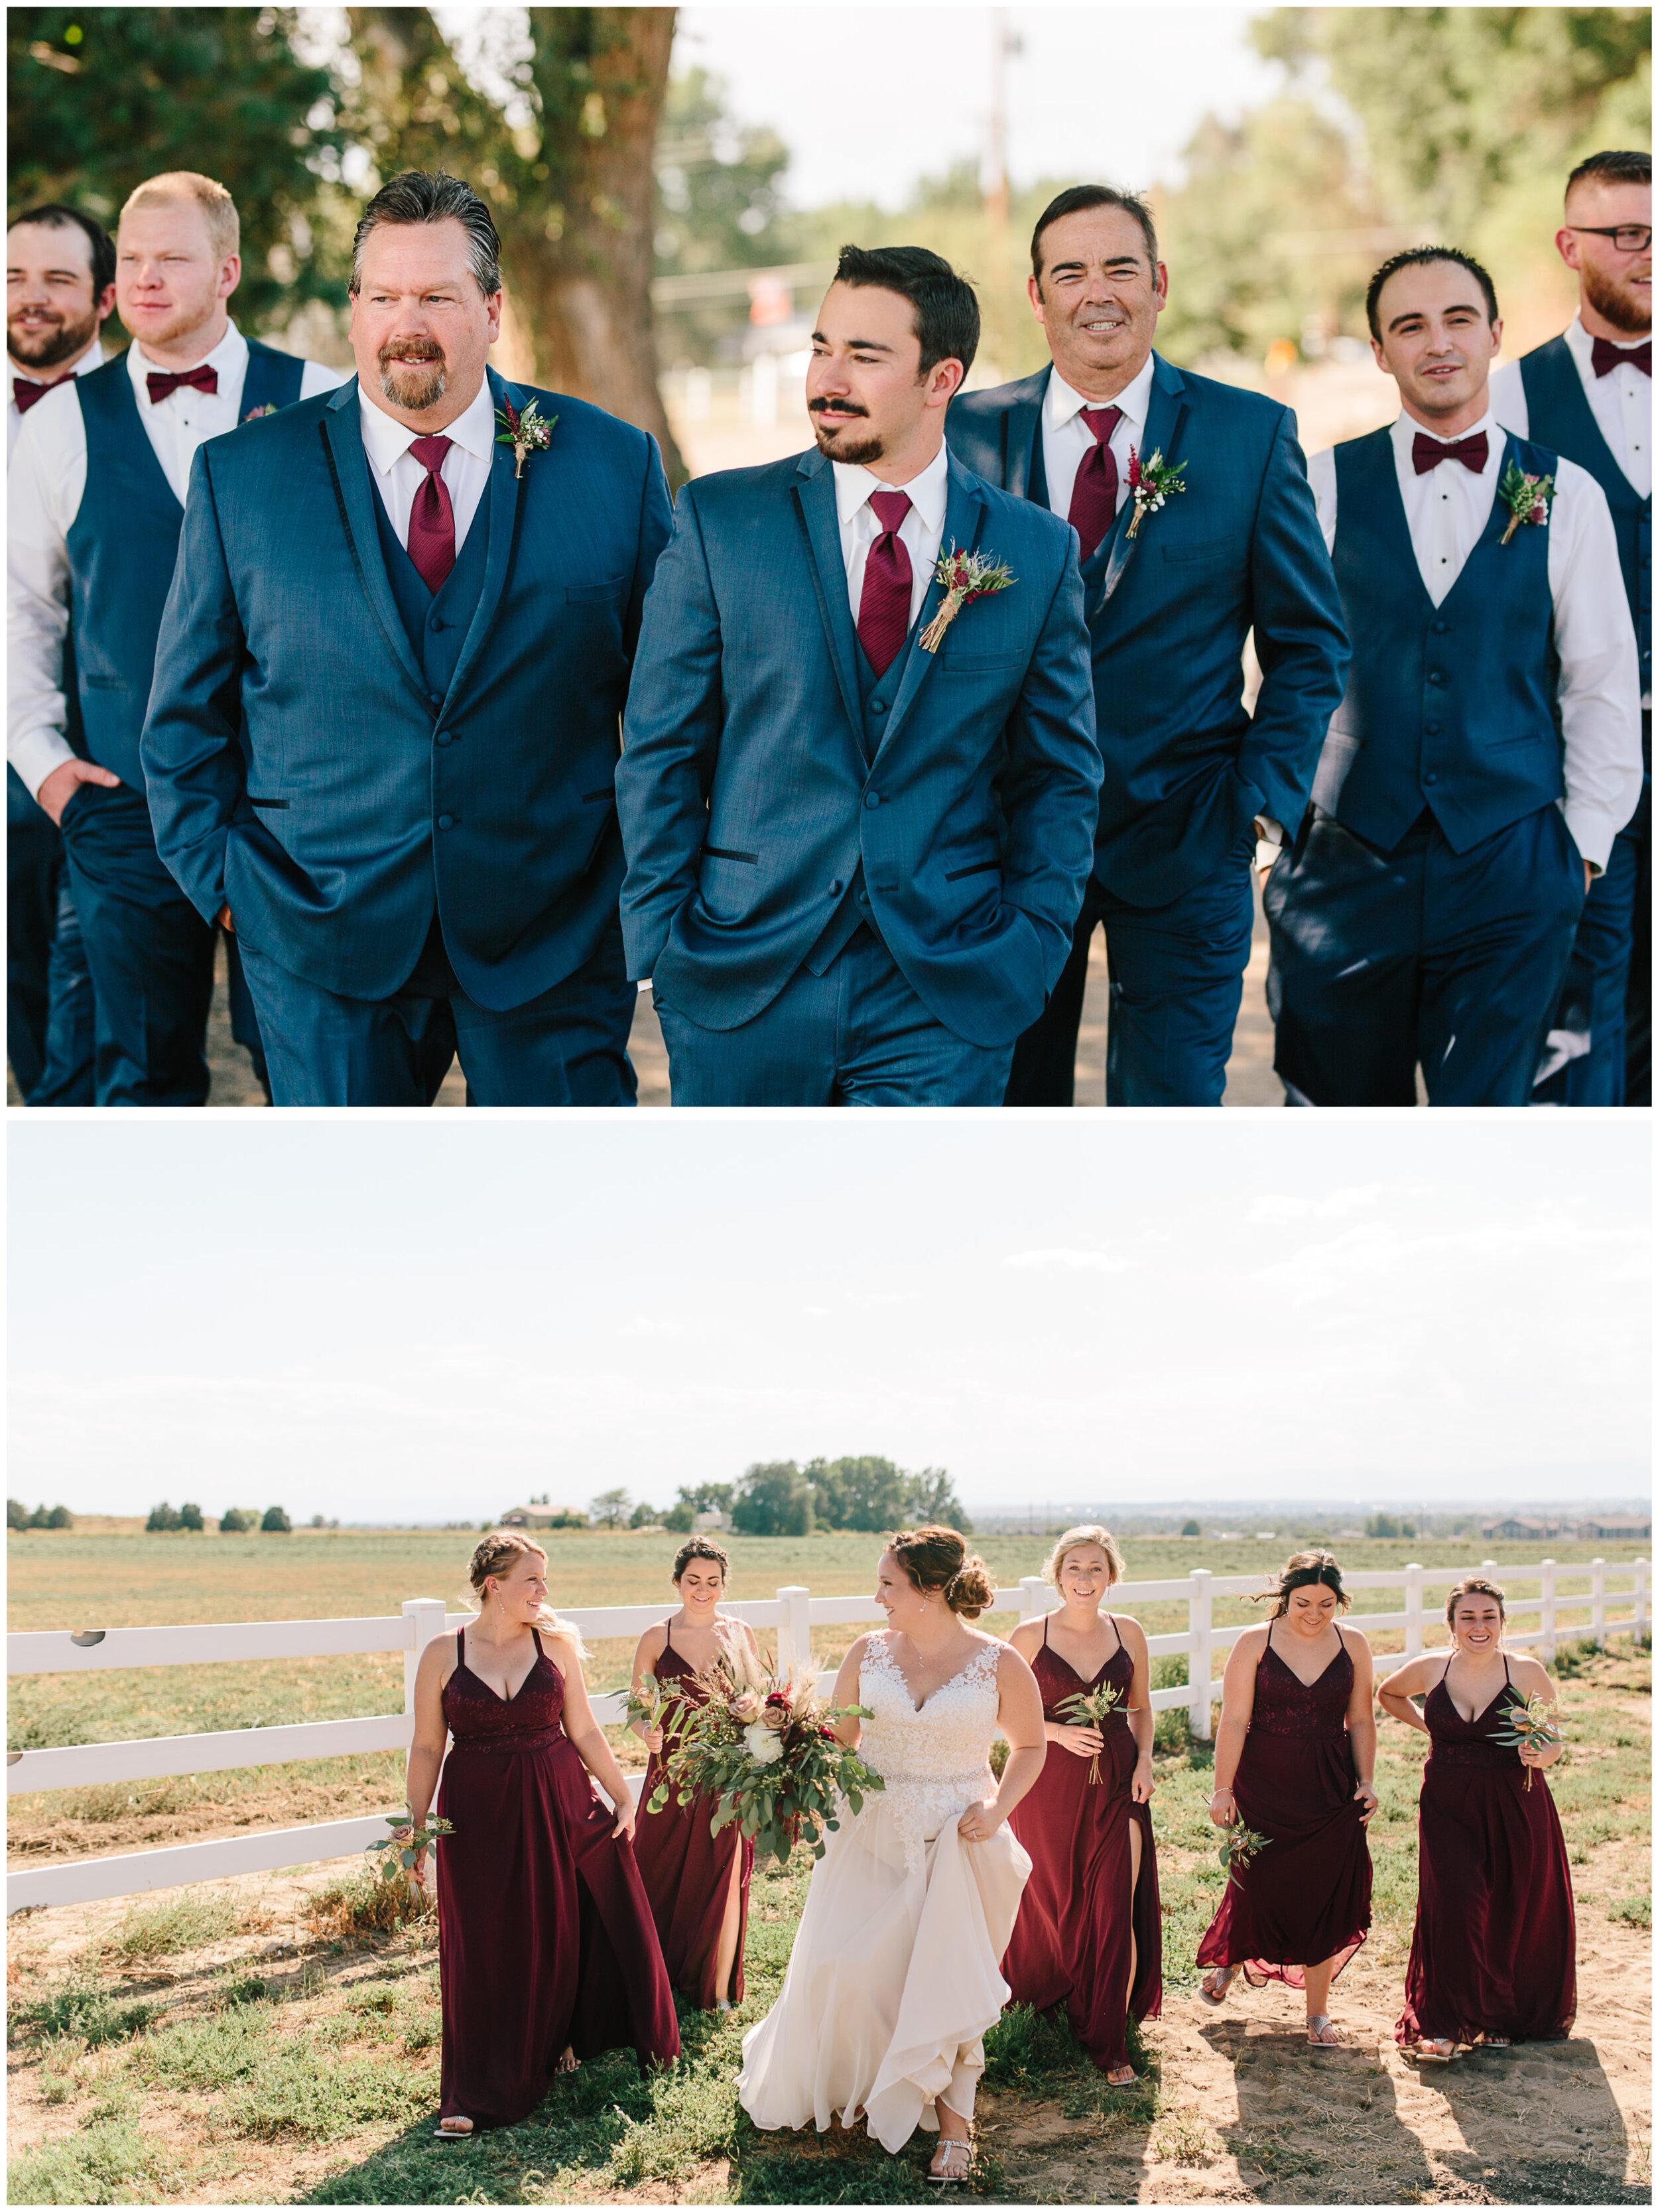 brighton_colorado_wedding_51.jpg